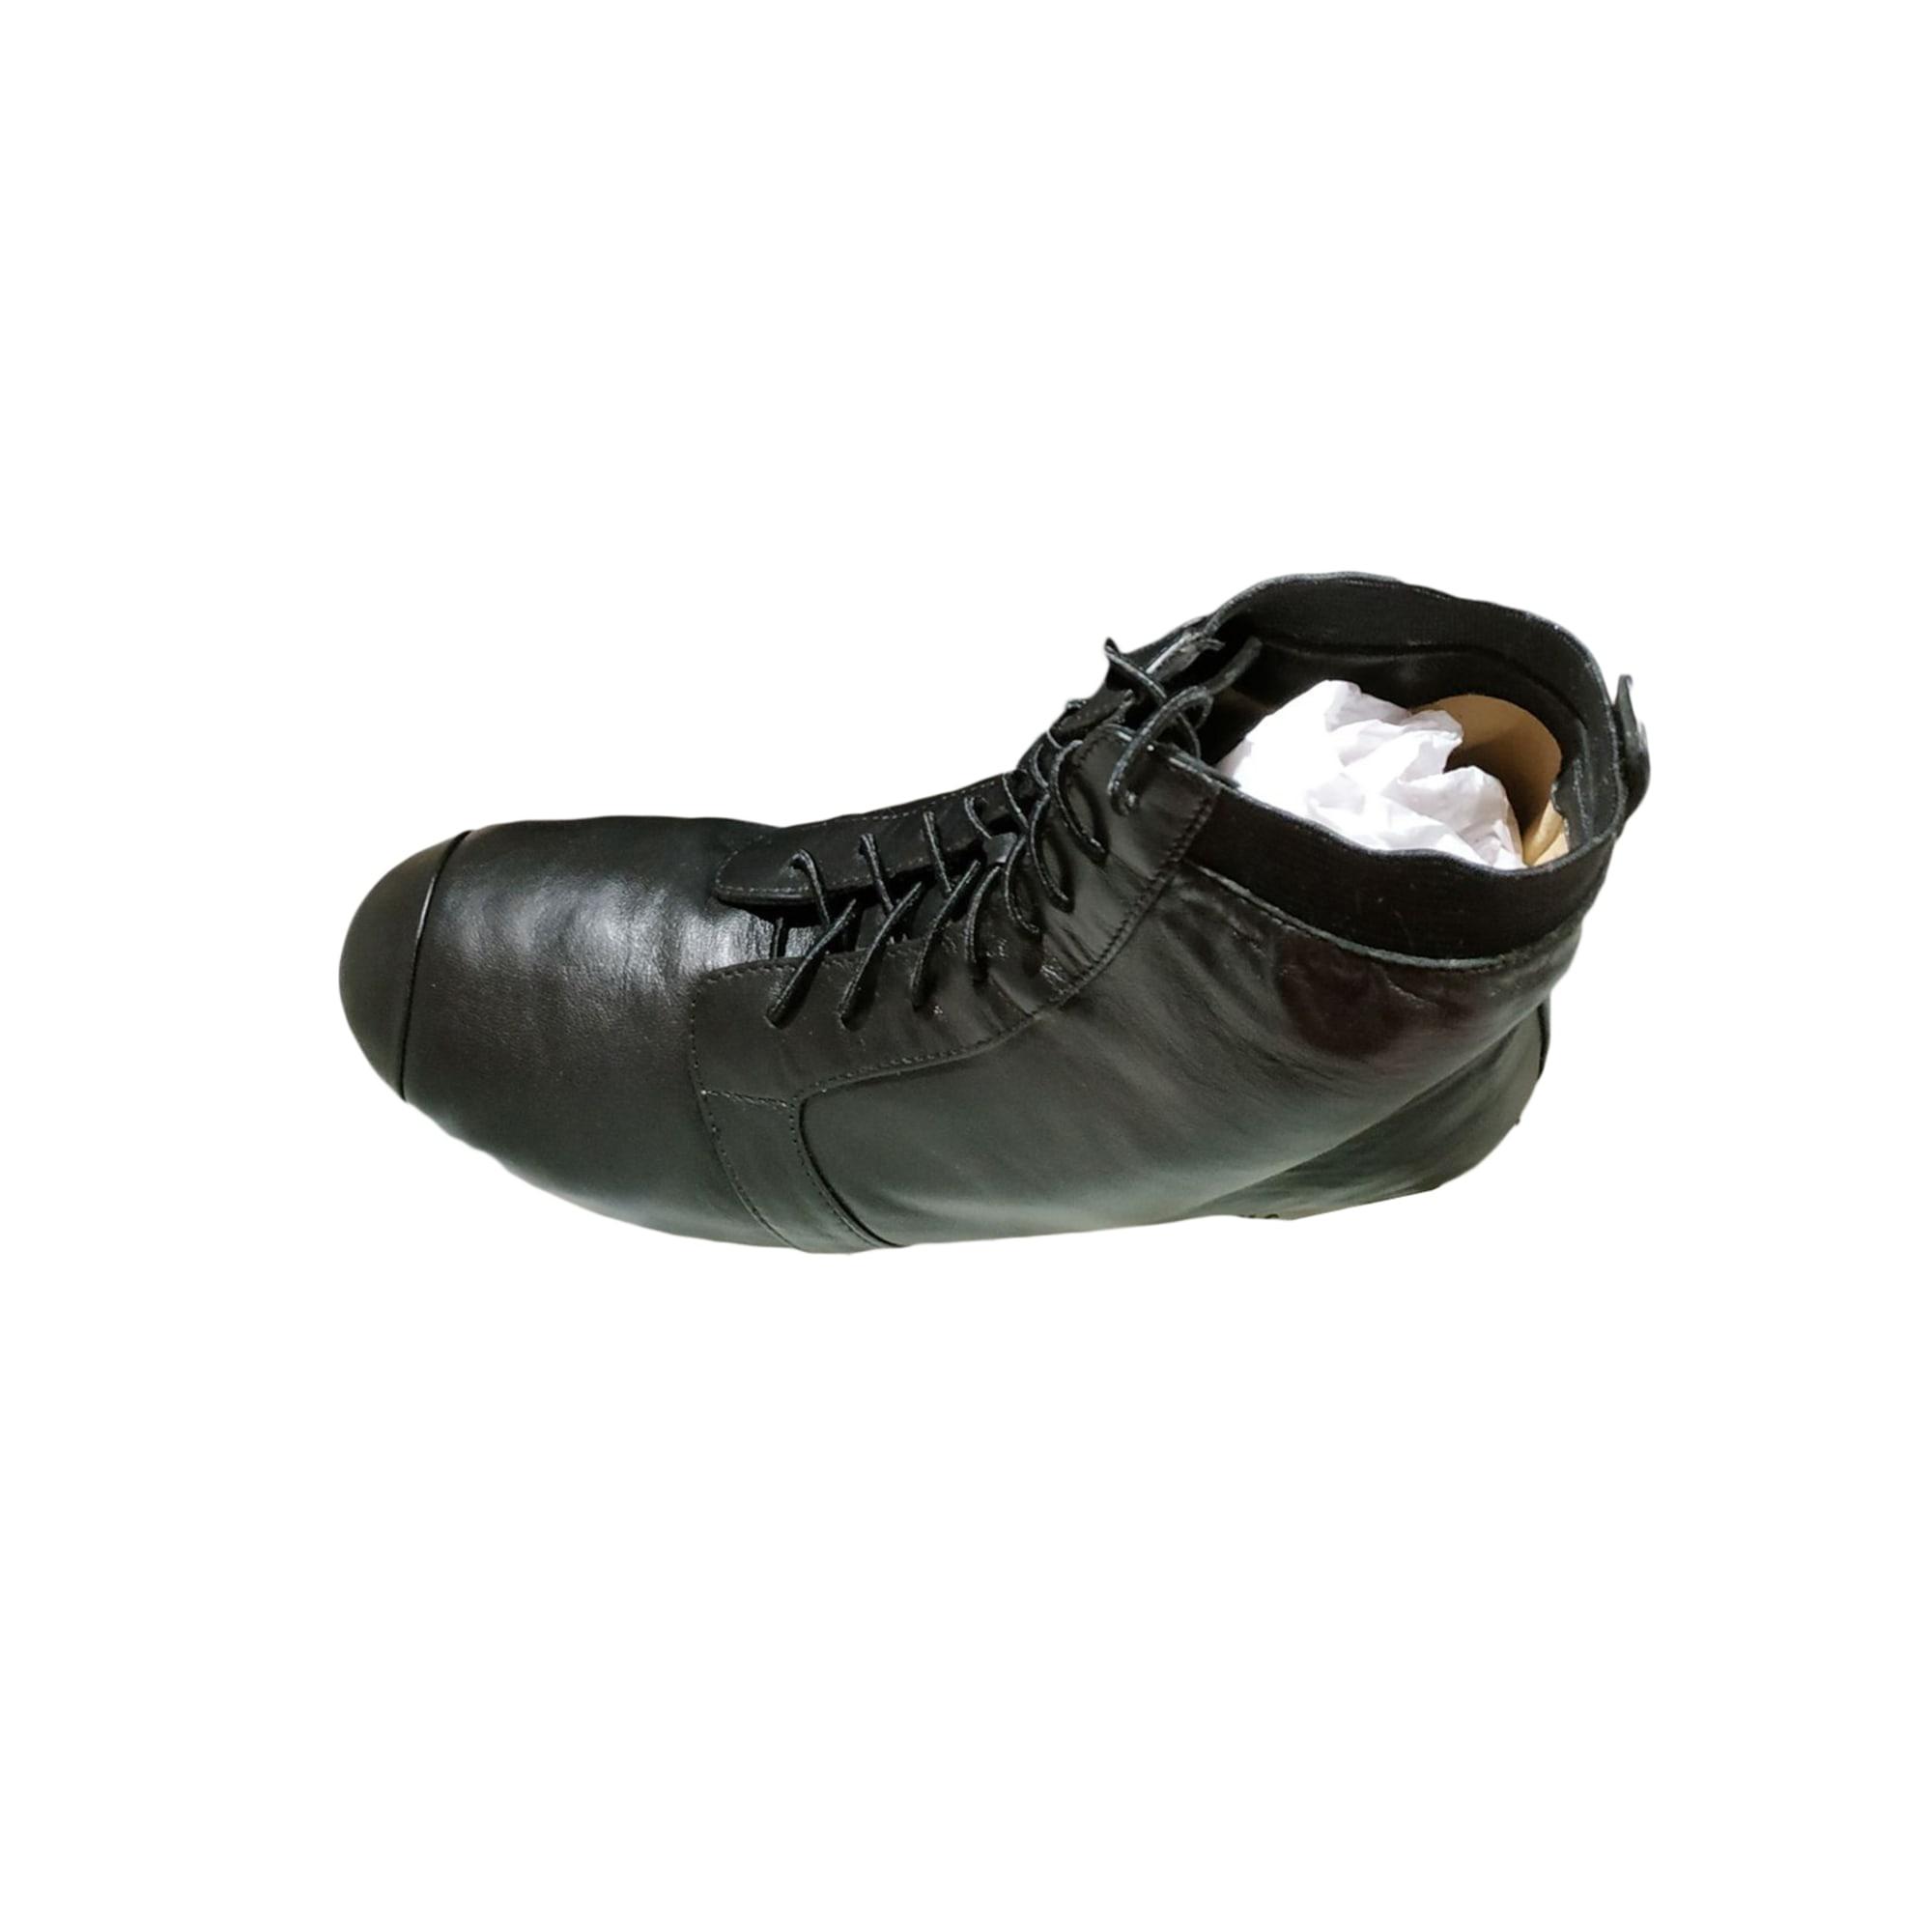 Bottines & low boots plates BLOCH Noir